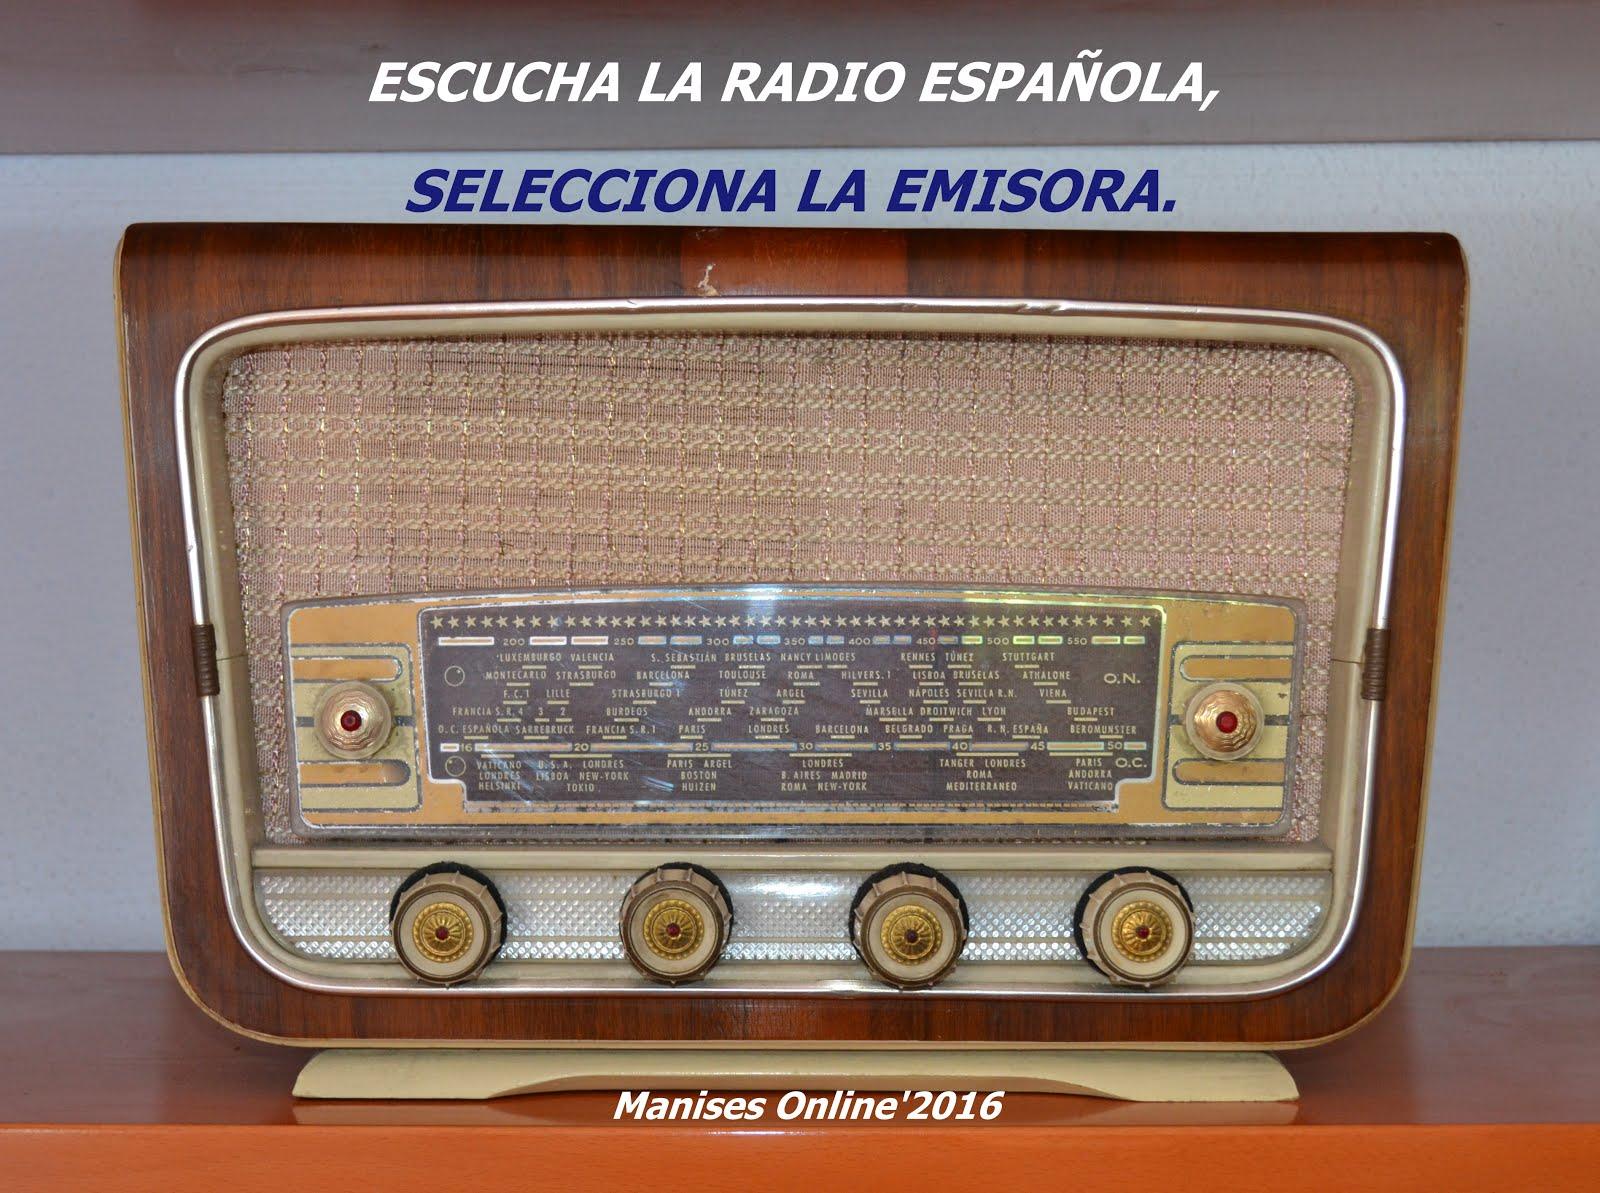 ESCUCHE LA RADIO ONLINE, SELECCIONE LA EMISORA.